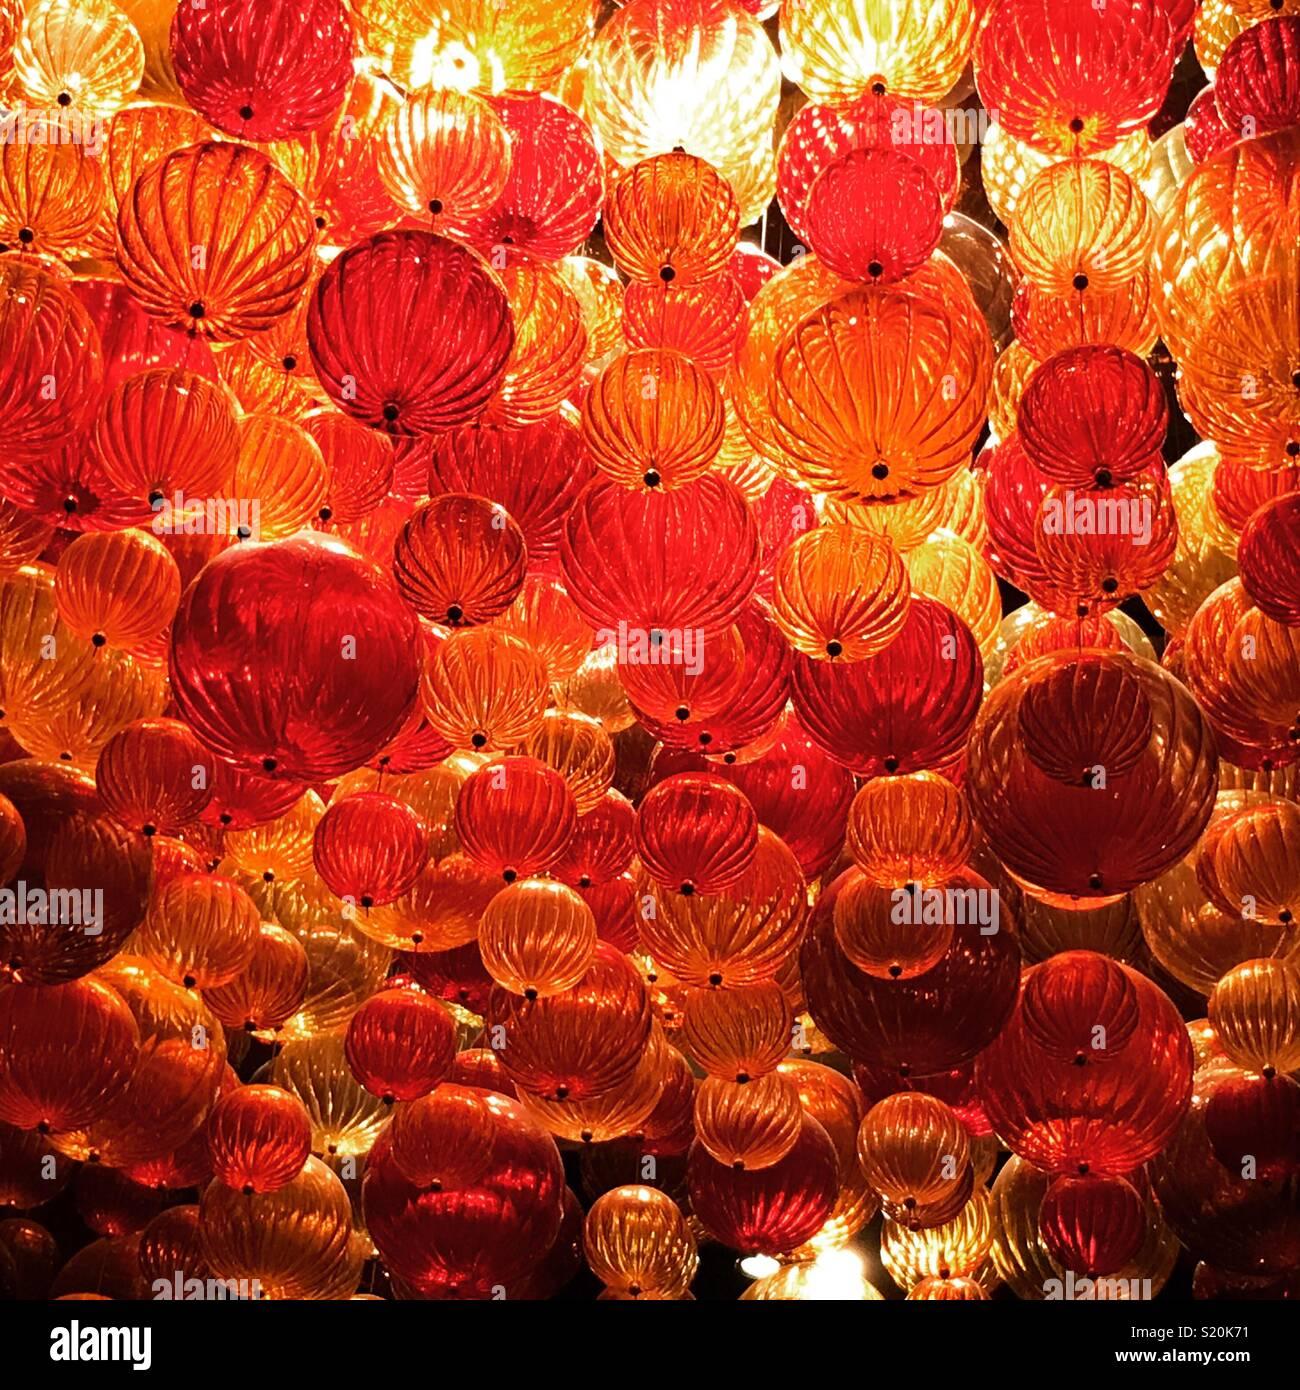 Gläserne Decke Stockbild